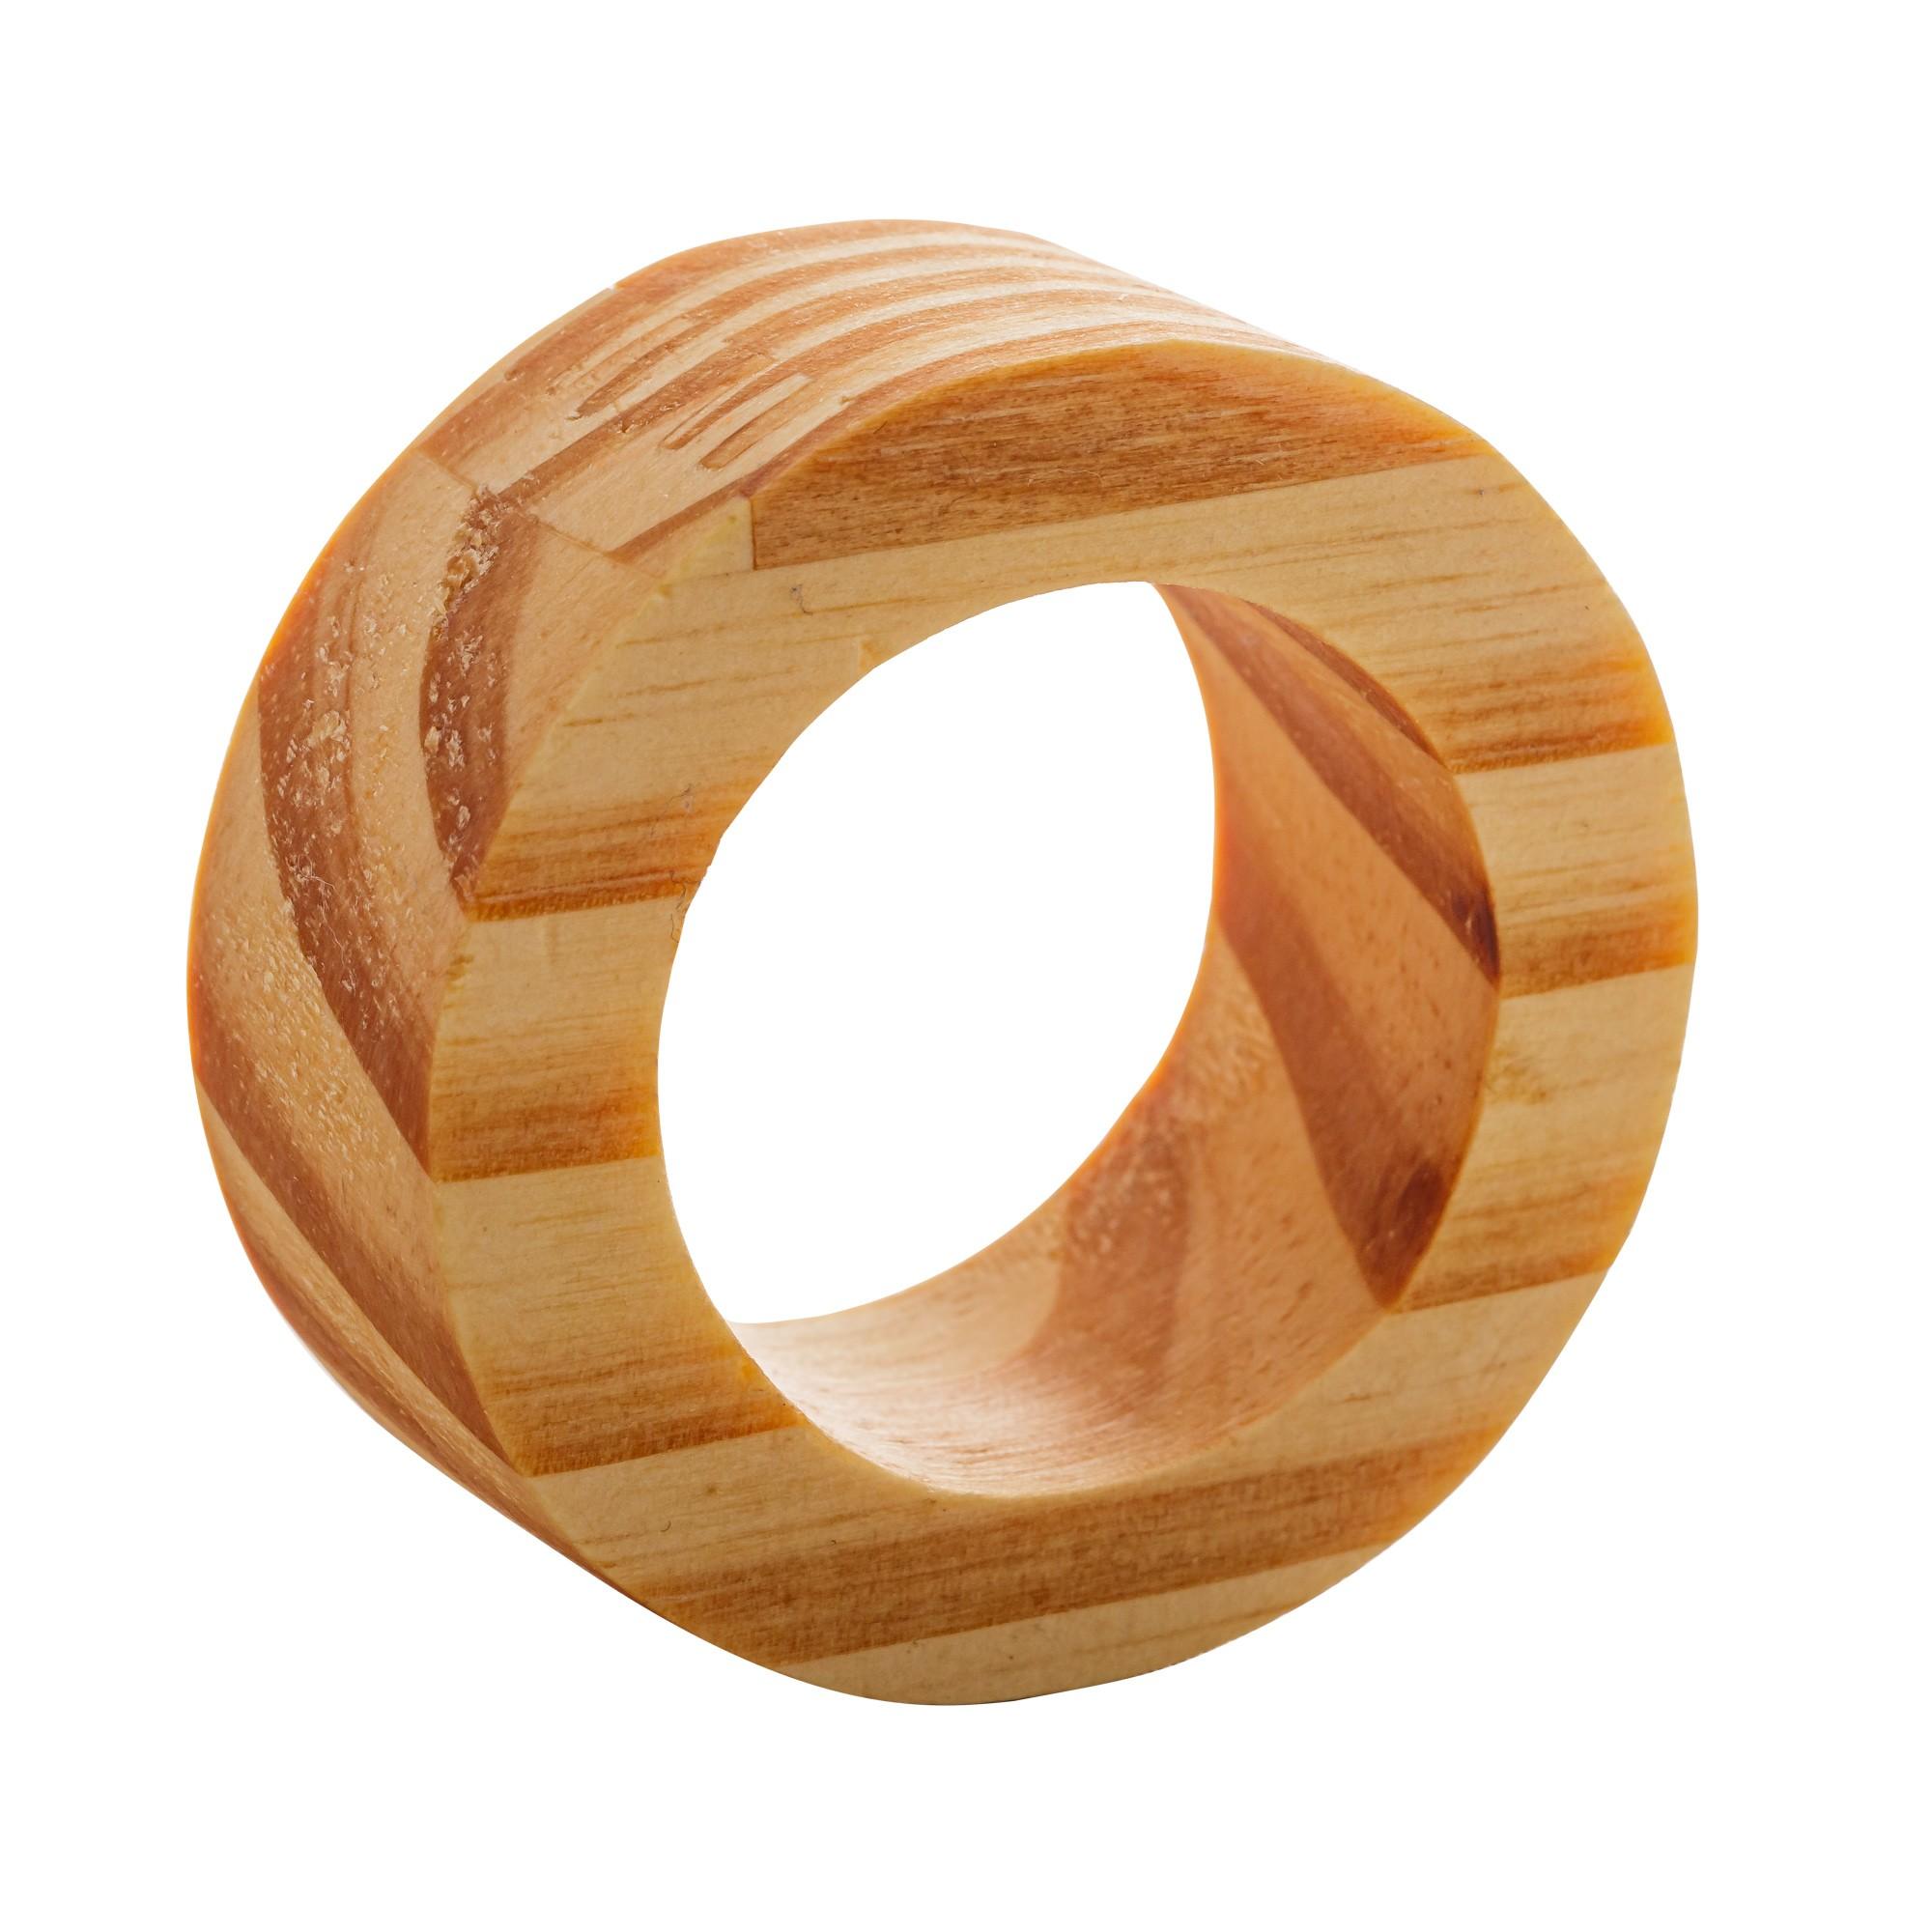 Jogo de Argolas de Madeira Pinus para Guardanapo 4 Unidades - Rojemac